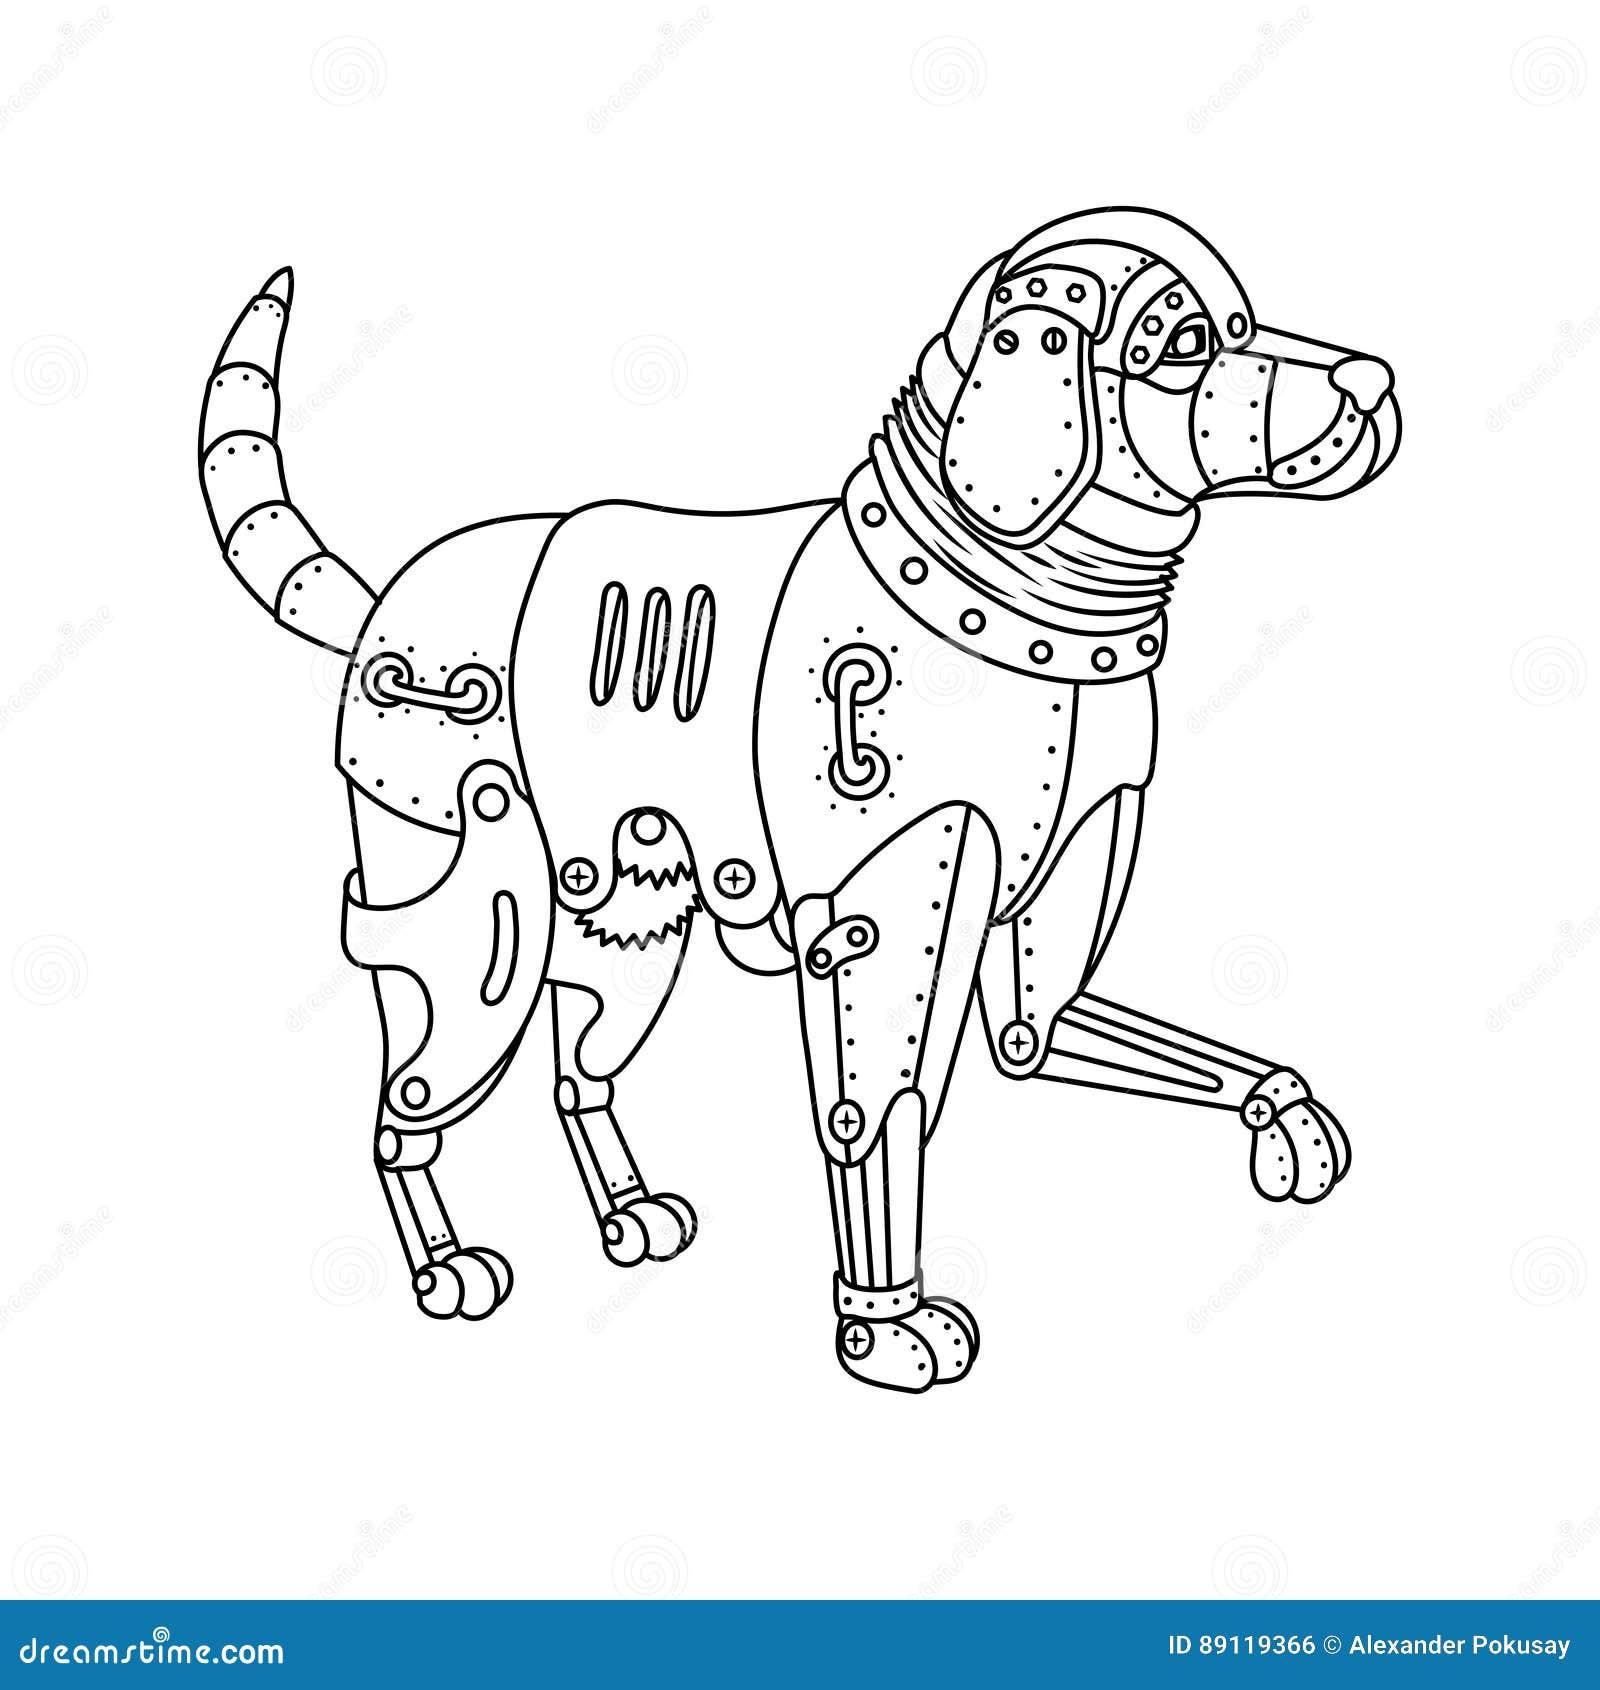 Cane umano disegno da colorare